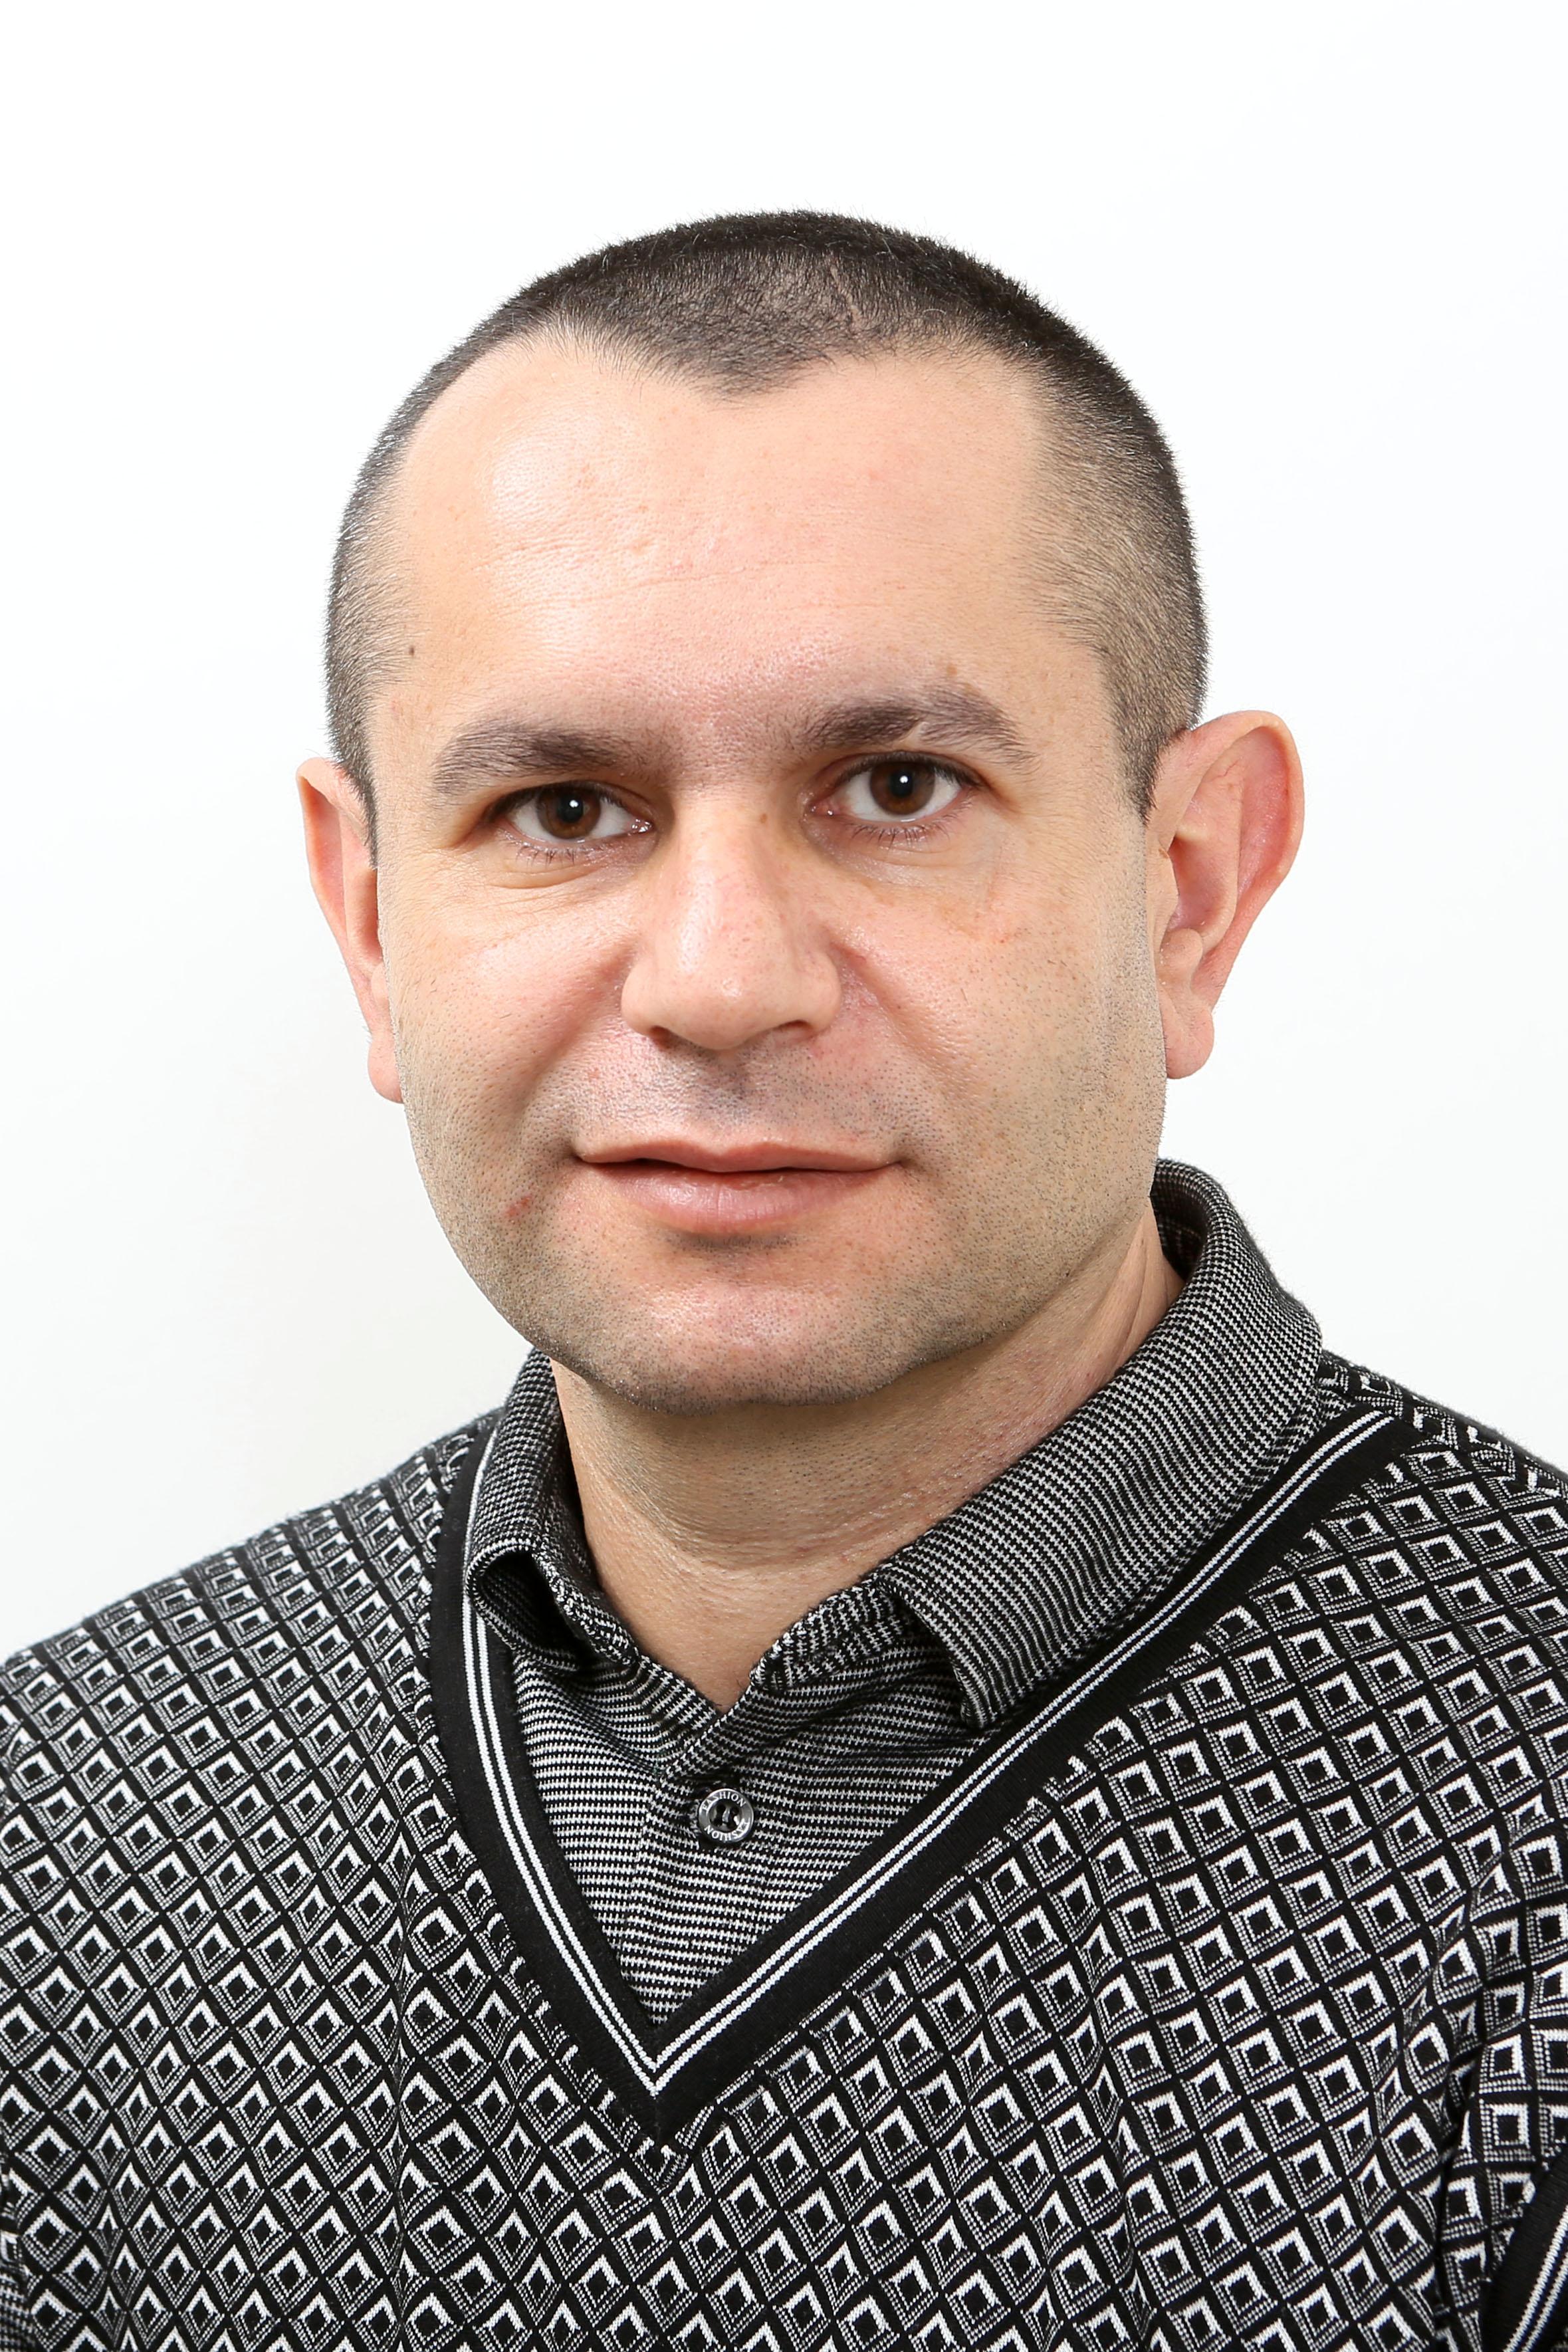 דוקטור סאלח טרביה - תמונת פרופיל